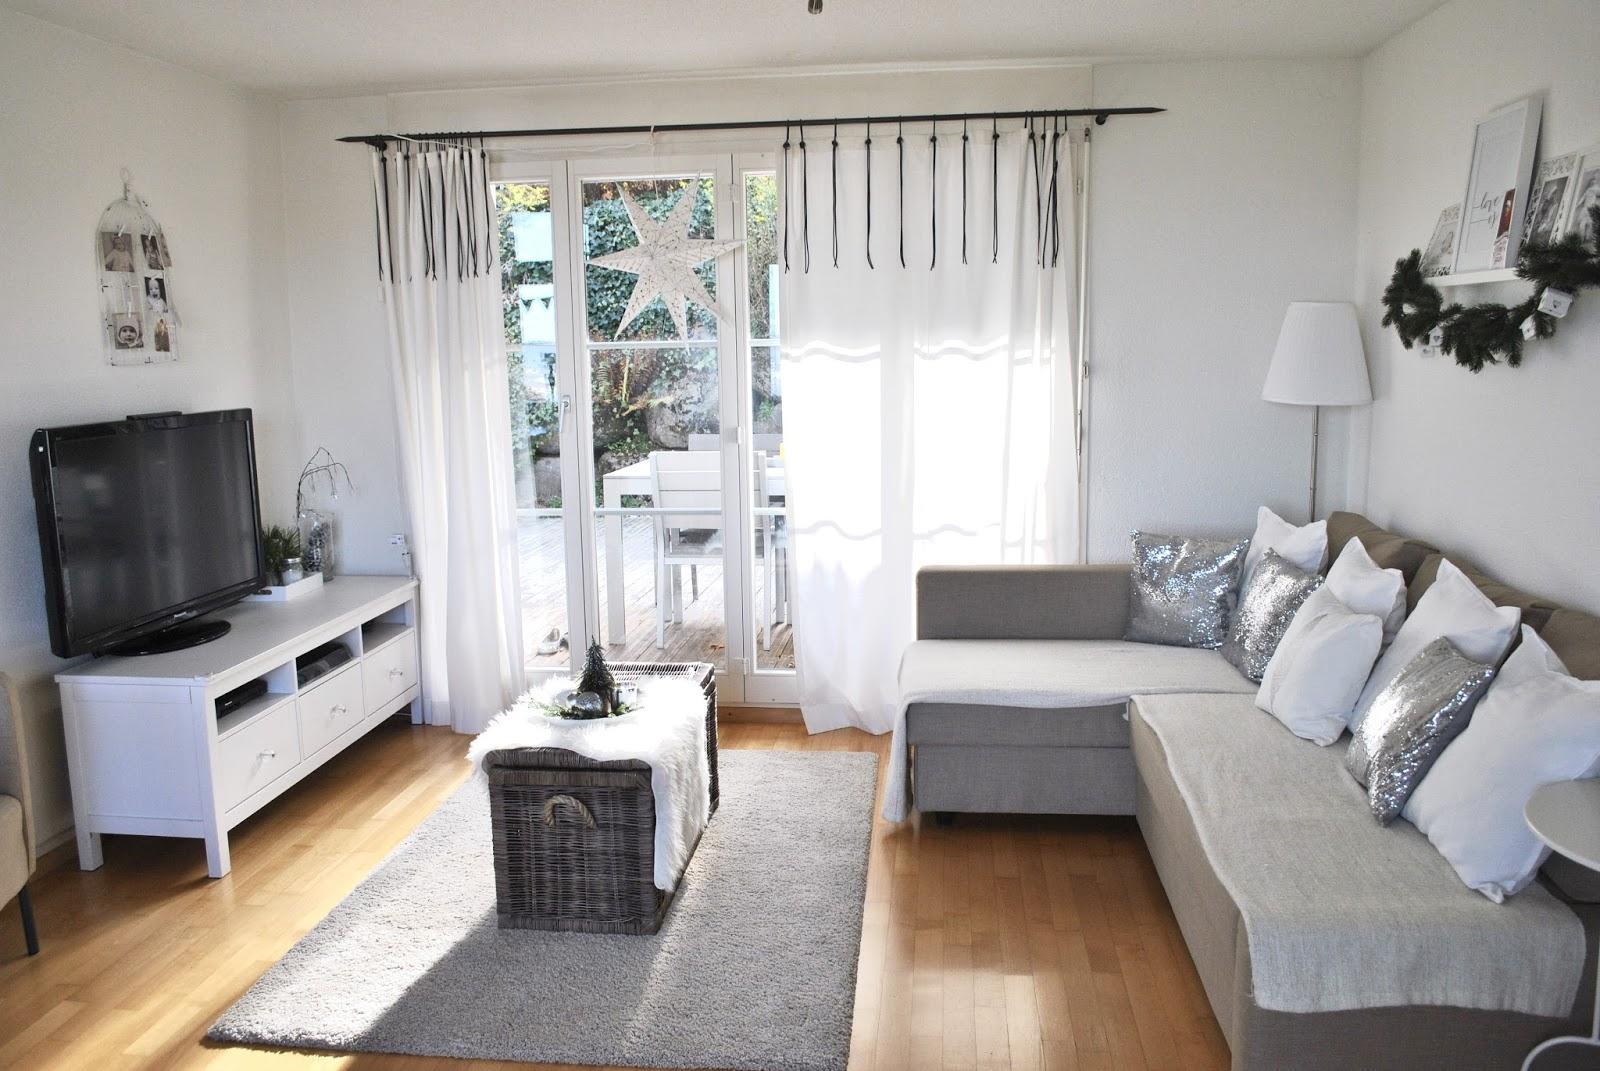 Ikea lampadario soggiorno idee per il design della casa - Decorazioni pareti ikea ...